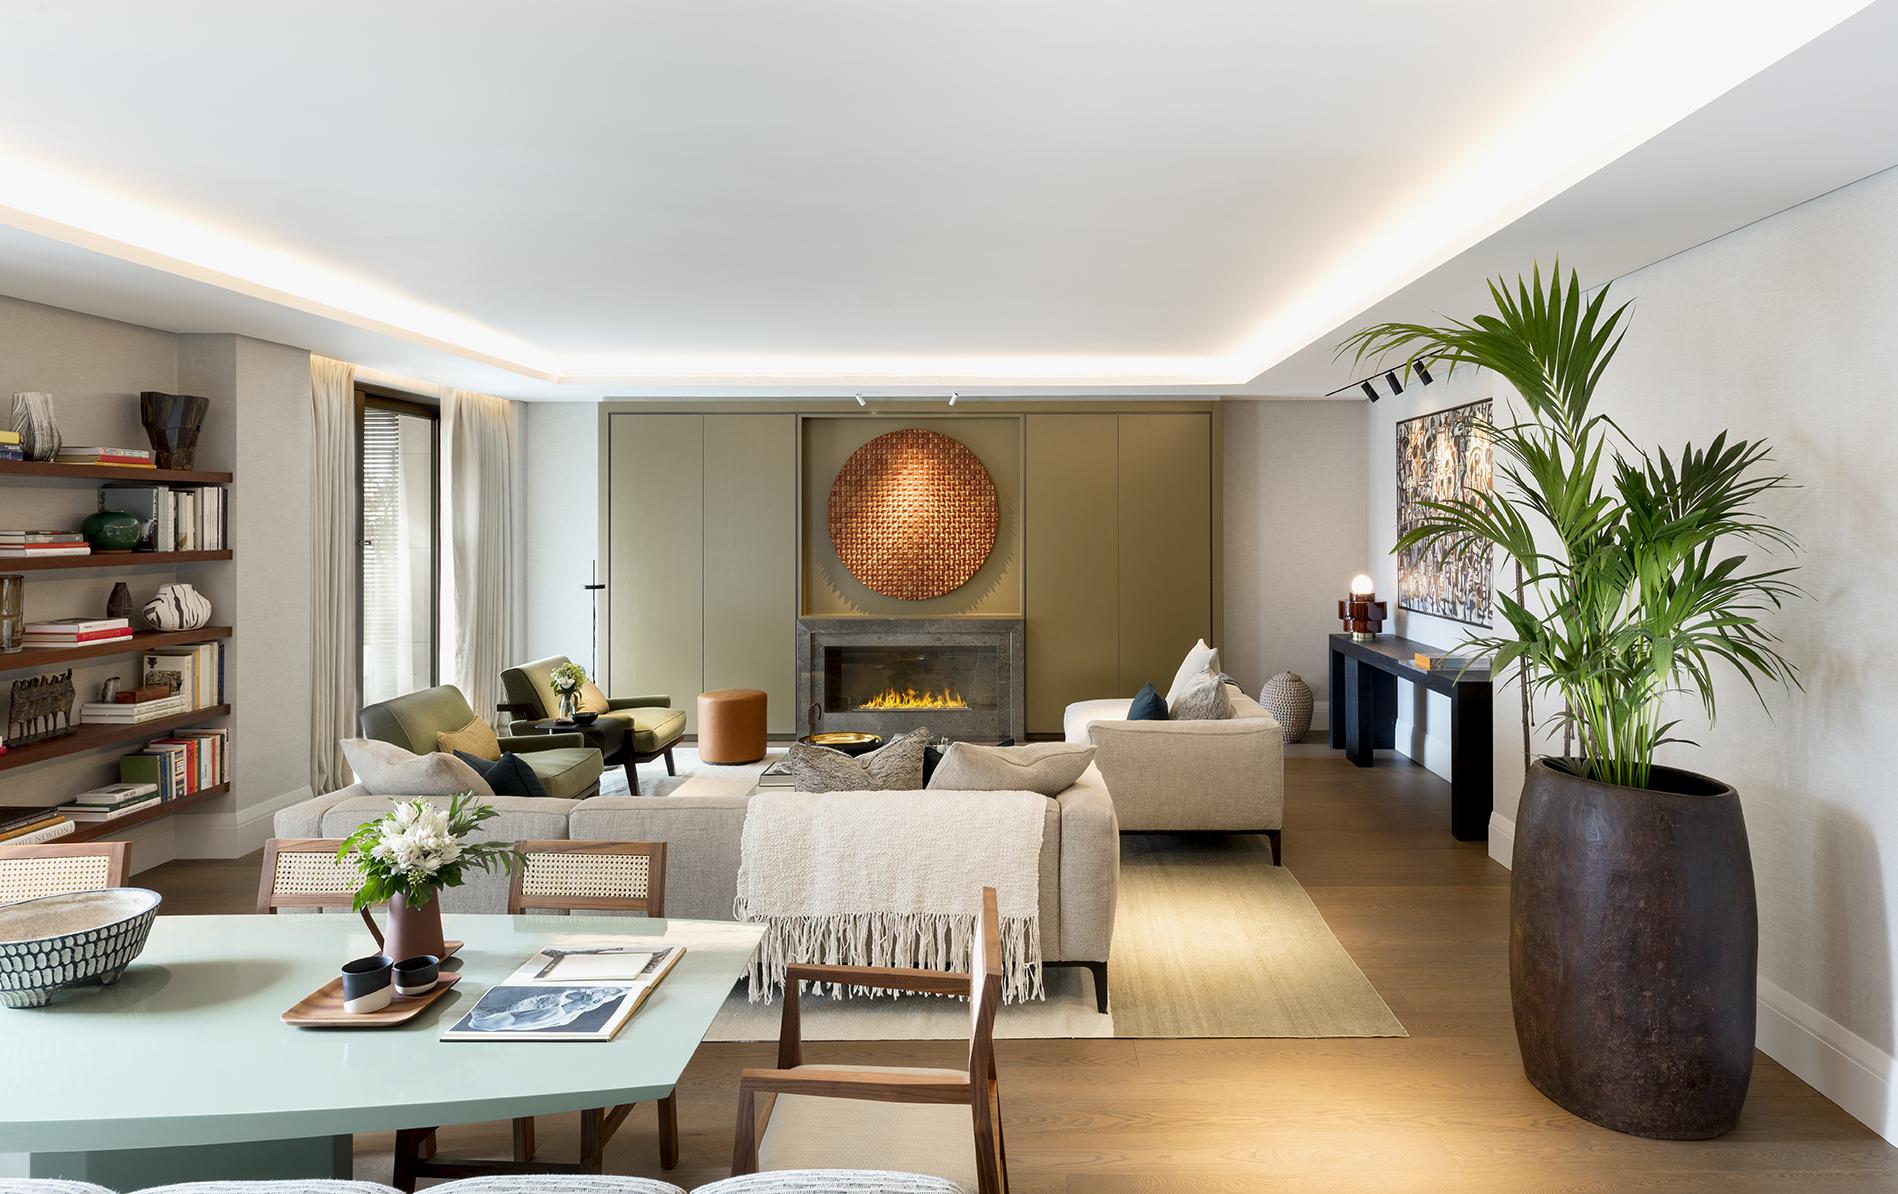 Holland Park Villas Apartment 11 (A301) Dining Room to Reception Room.jpg